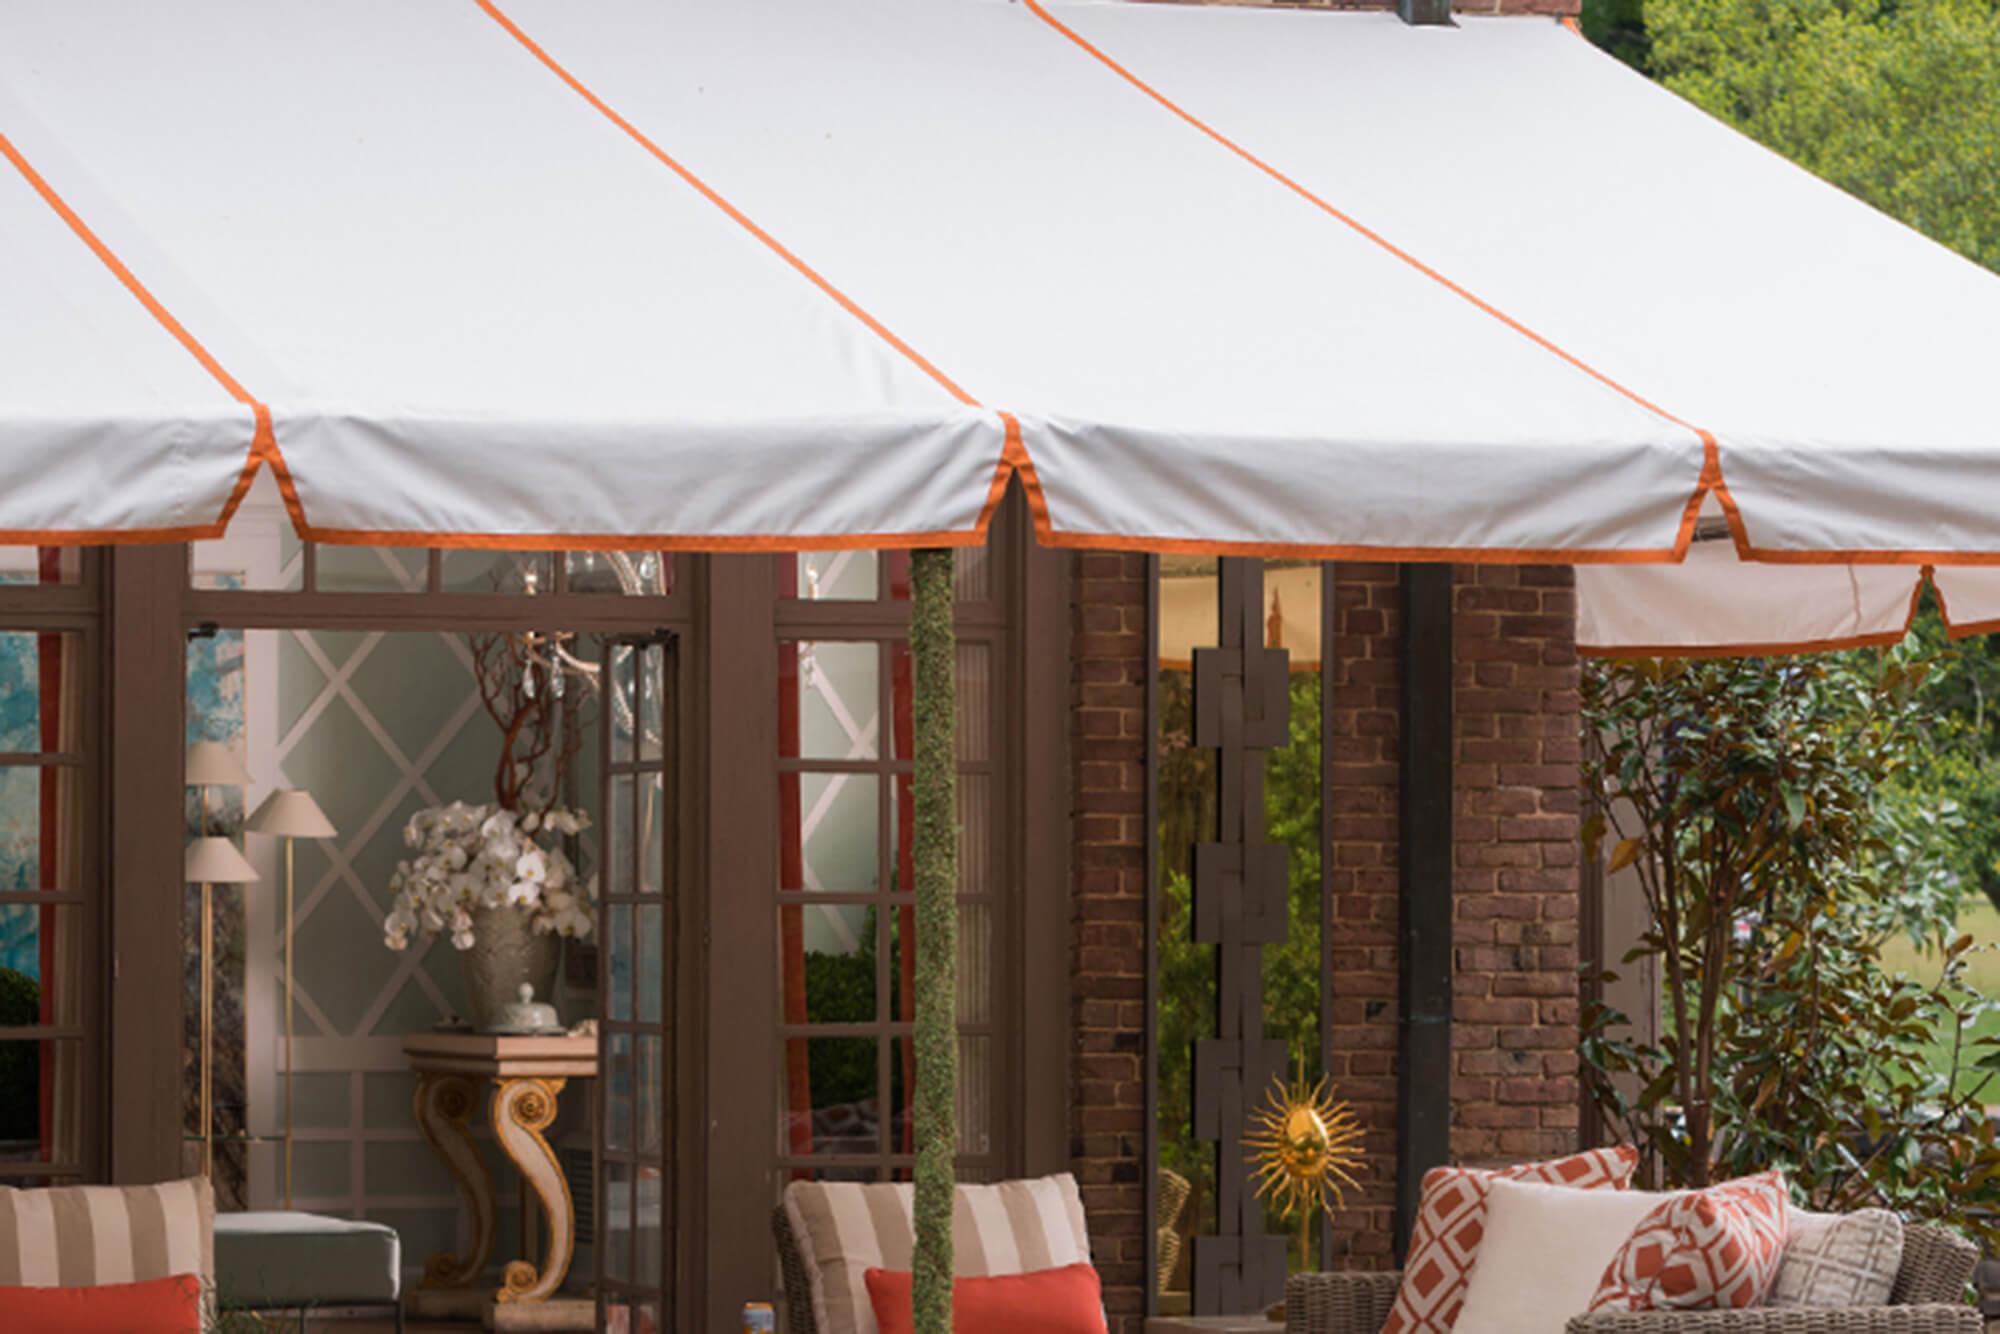 由白色 Sunbrella 织物制成的,并带有橘色饰物,经固定过支架的遮阳蓬为露台遮阴